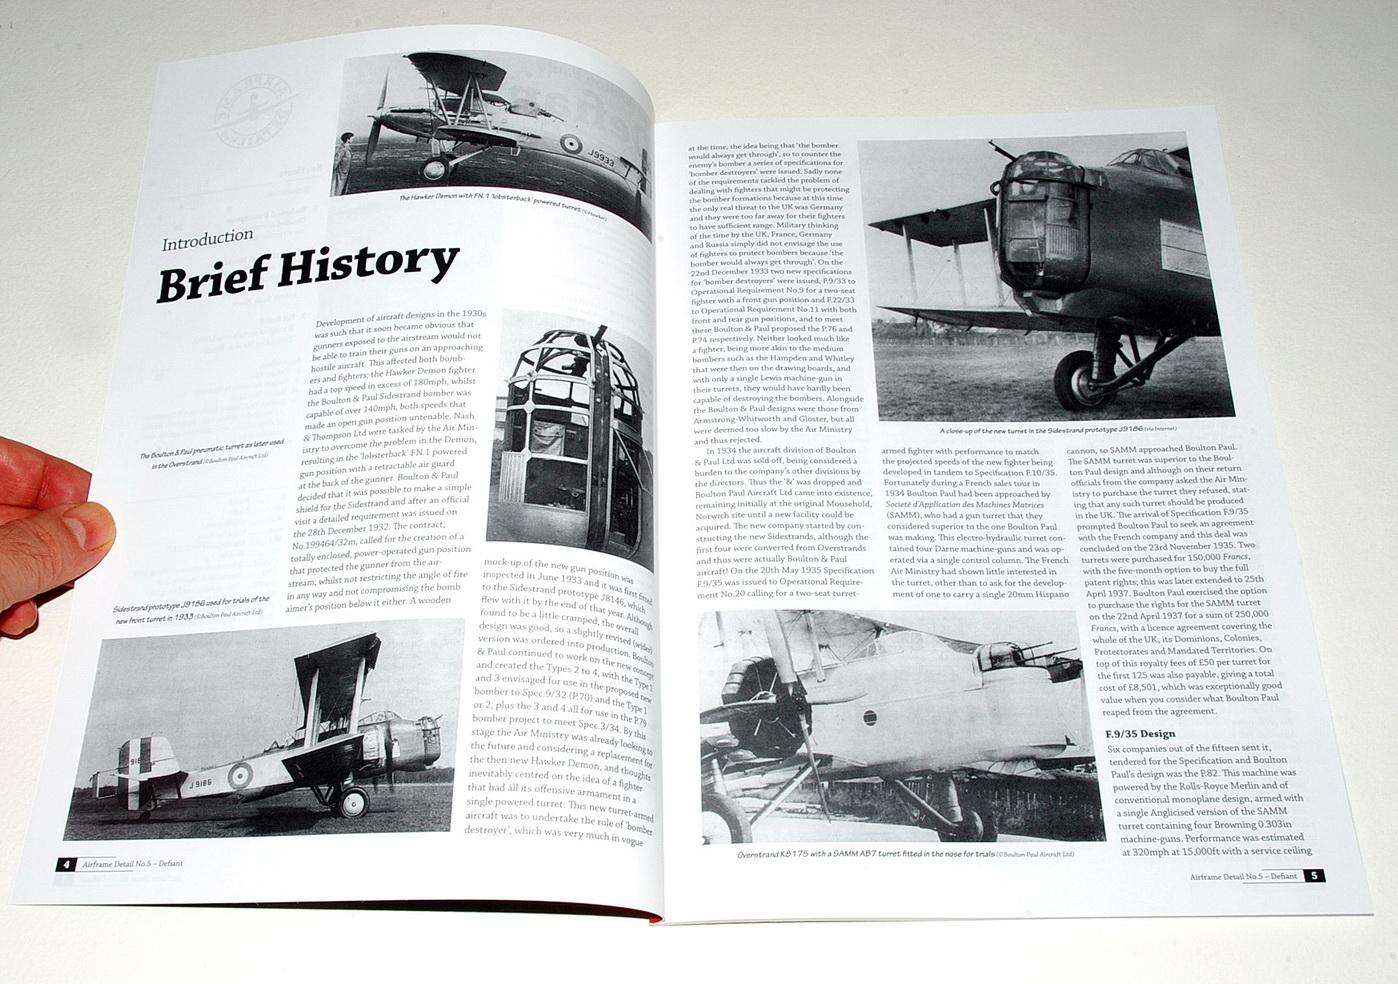 Βoulton Paul Defiant – Technical Guide by Richard A. Franks, Airframe Detail No.5 (Valiant Wings, 2018)